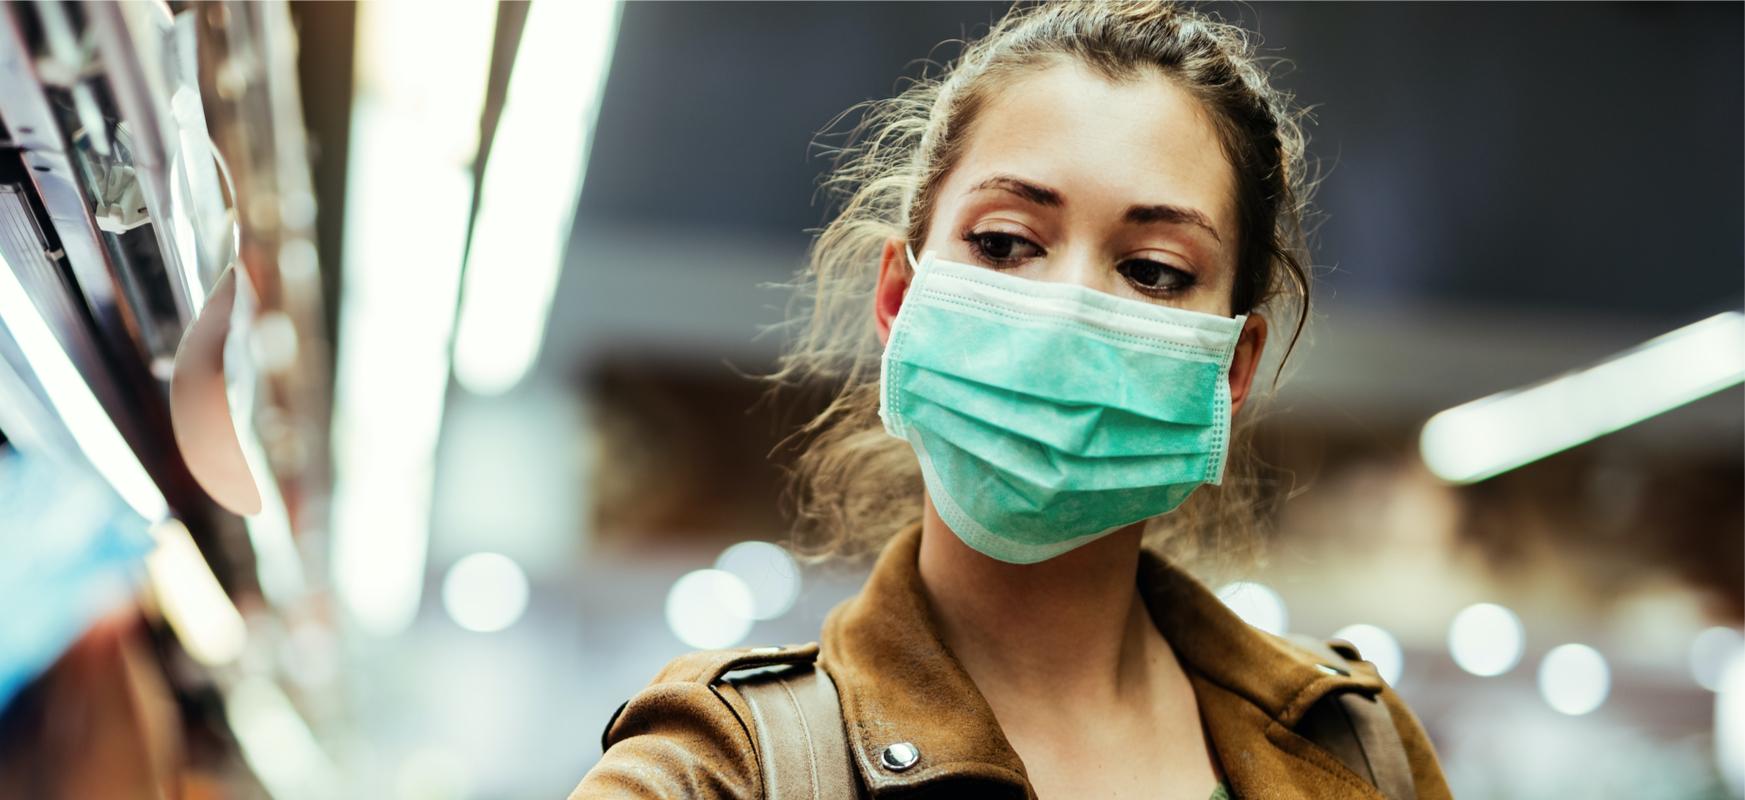 Polonian koronavirusarekin kutsatutako kopurua 100.000koa izan daiteke  Bien bitartean, gobernuak murrizketak askatzen ari da